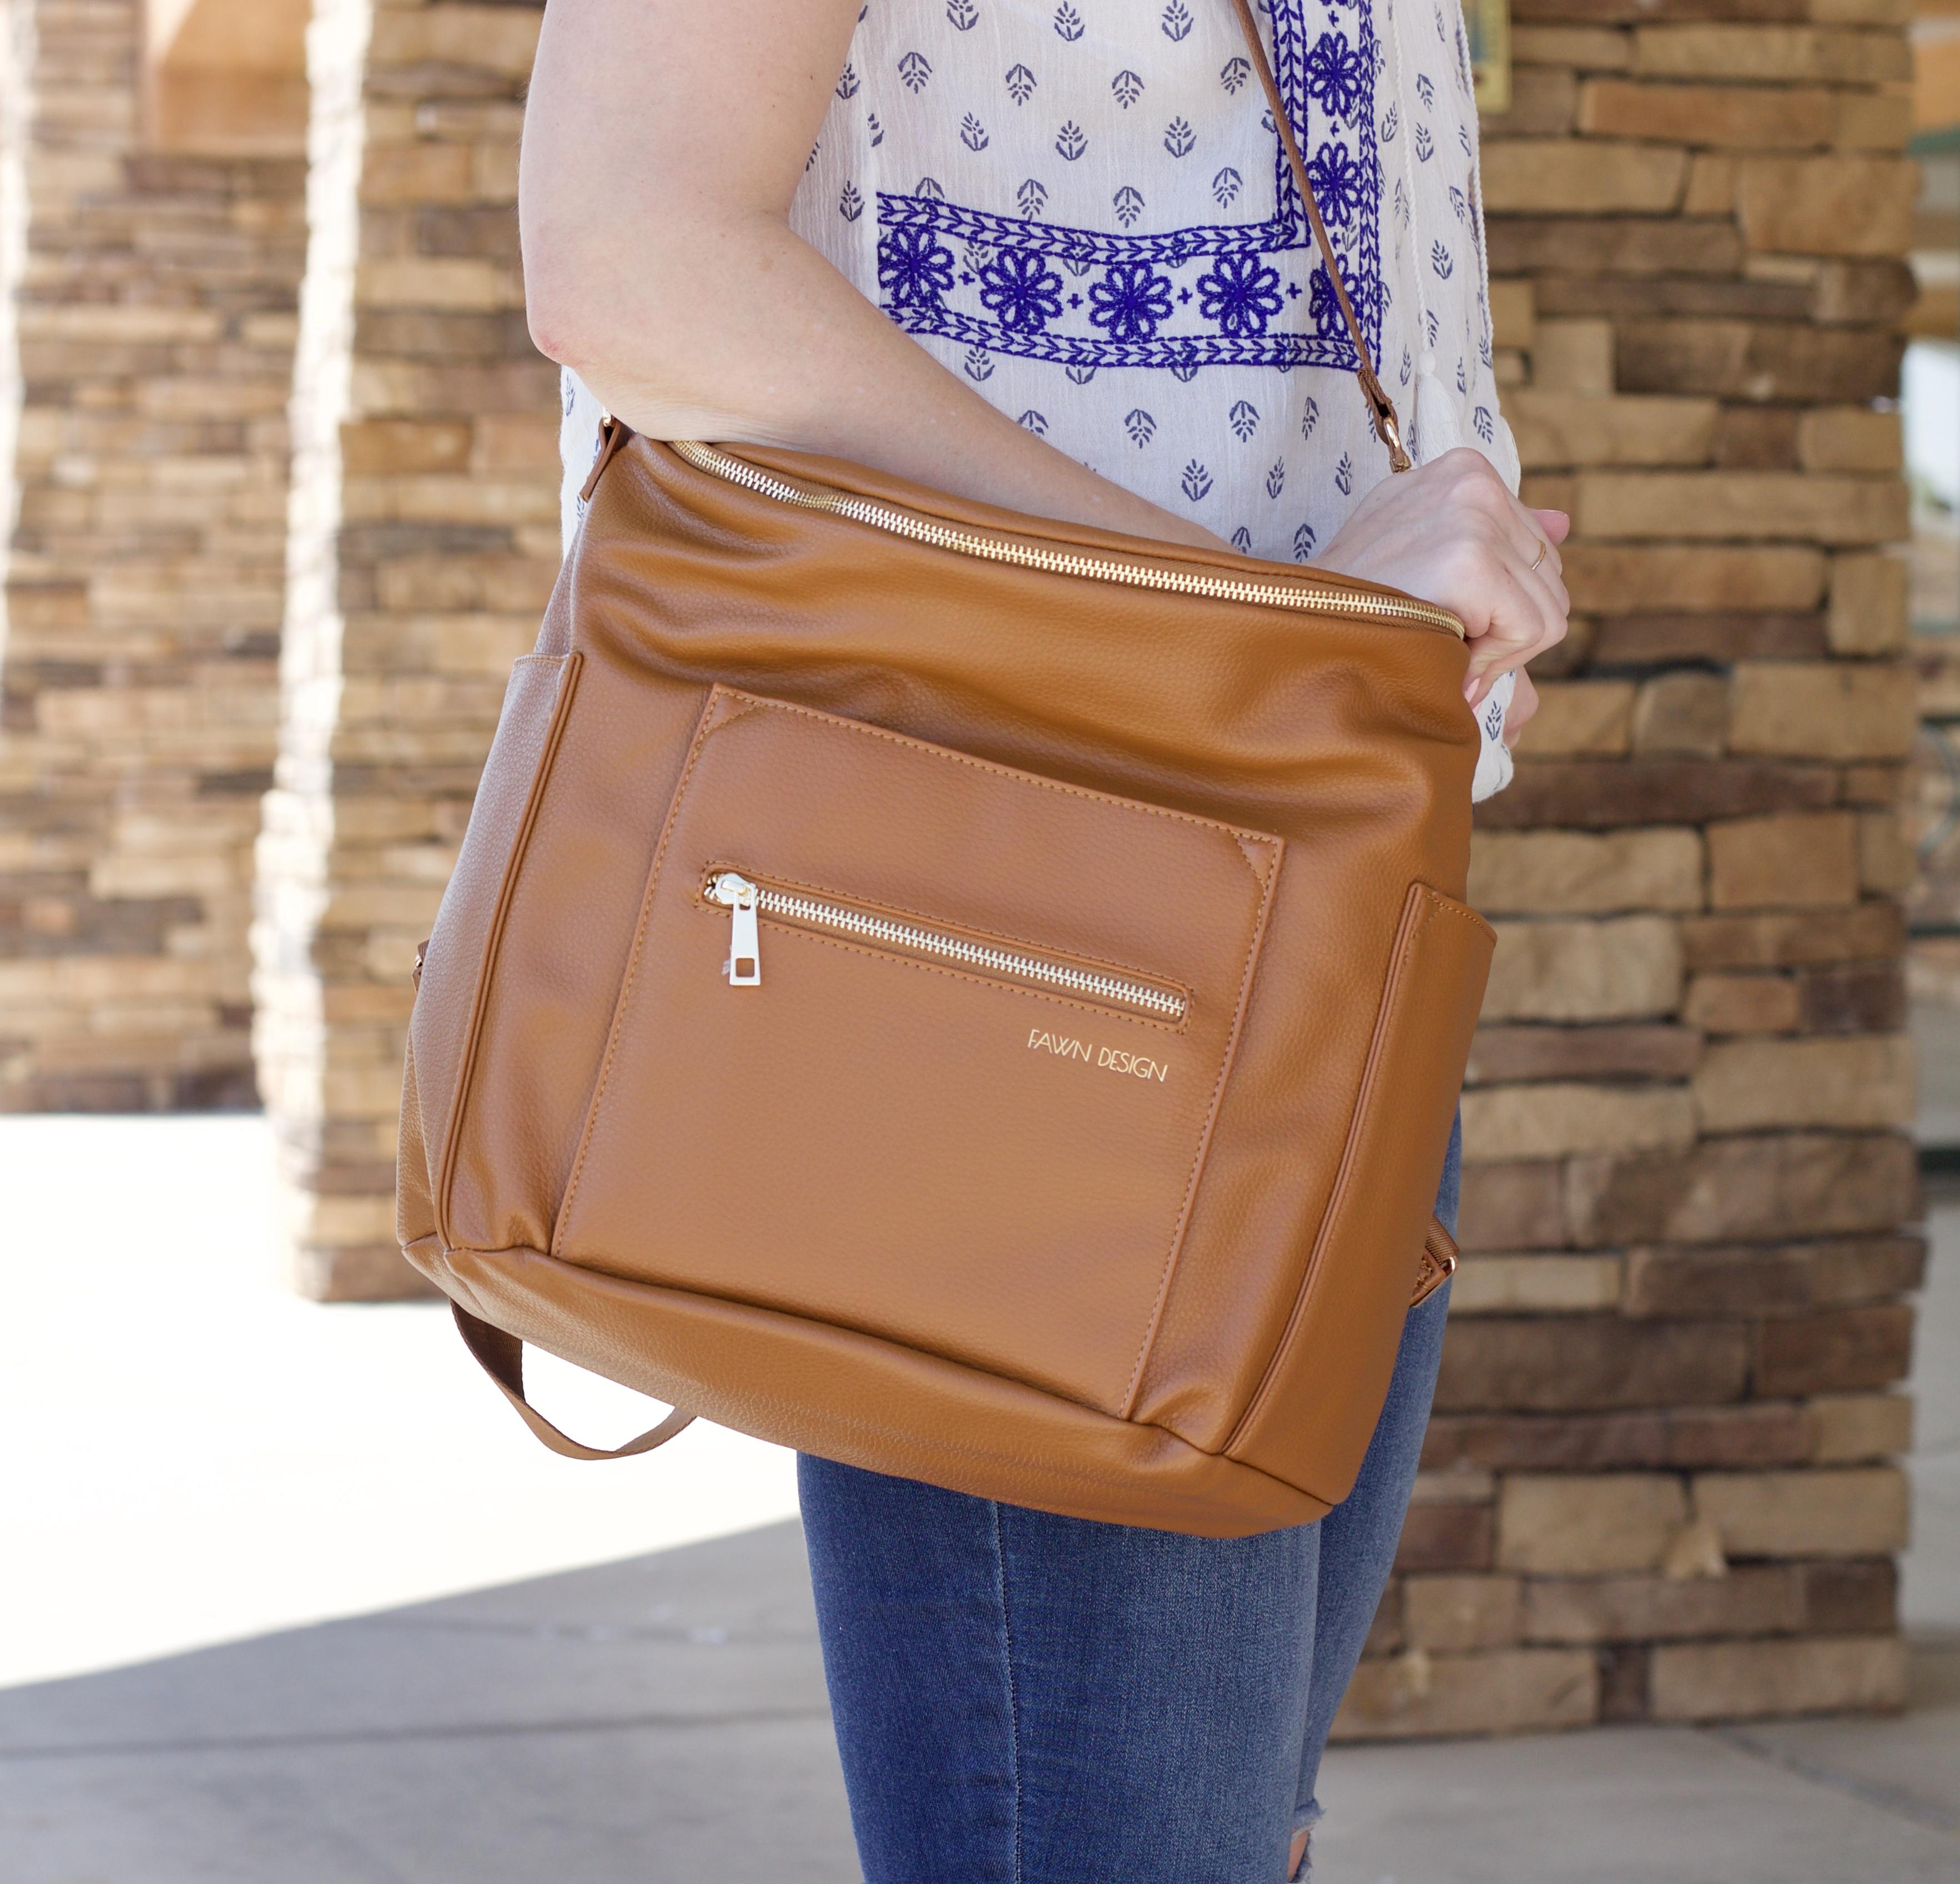 fawn design cognac bag